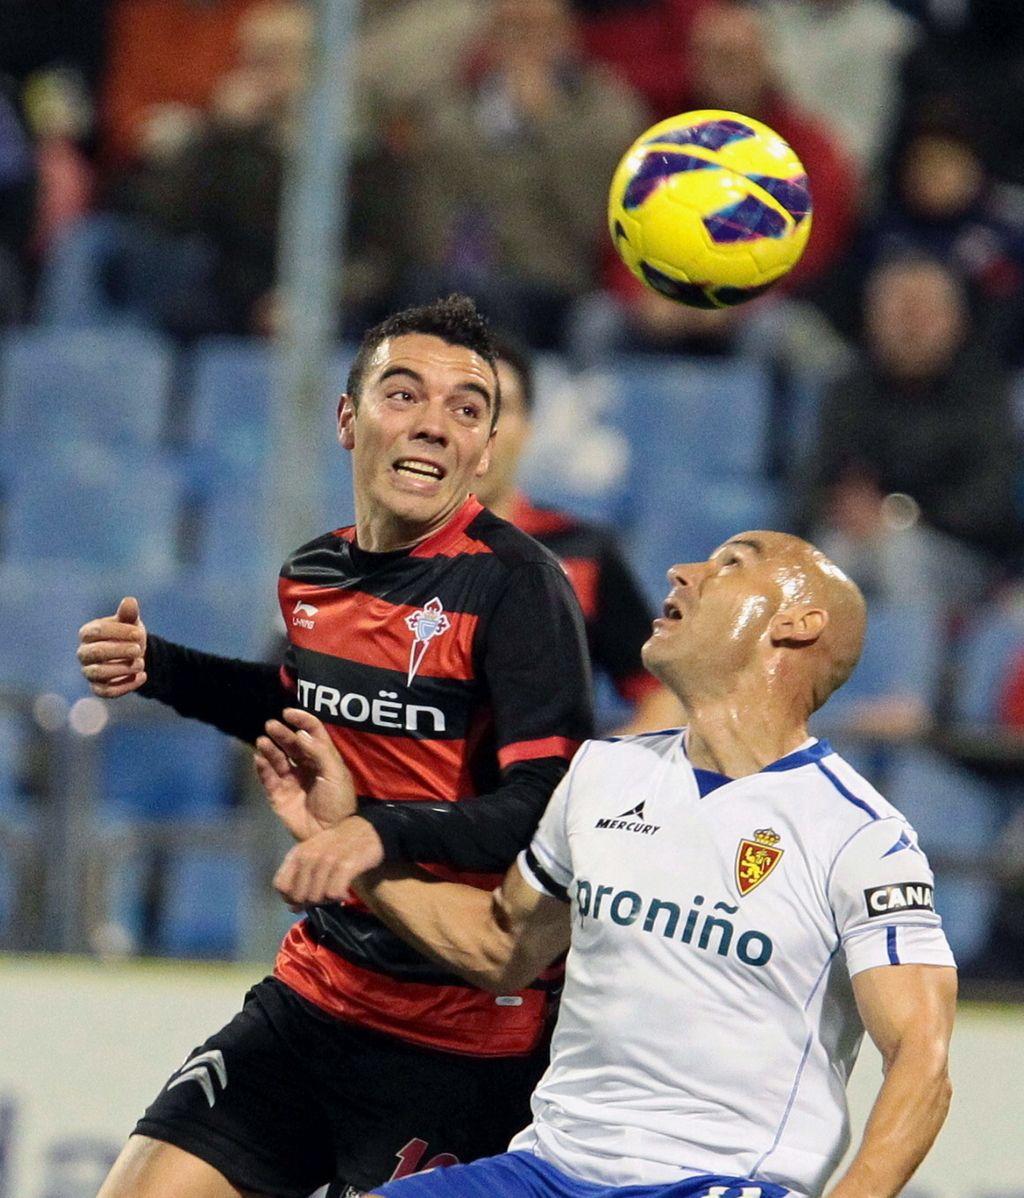 El centrocampista del Zaragoza José María Movilla  y el delantero del Celta Iago Aspas